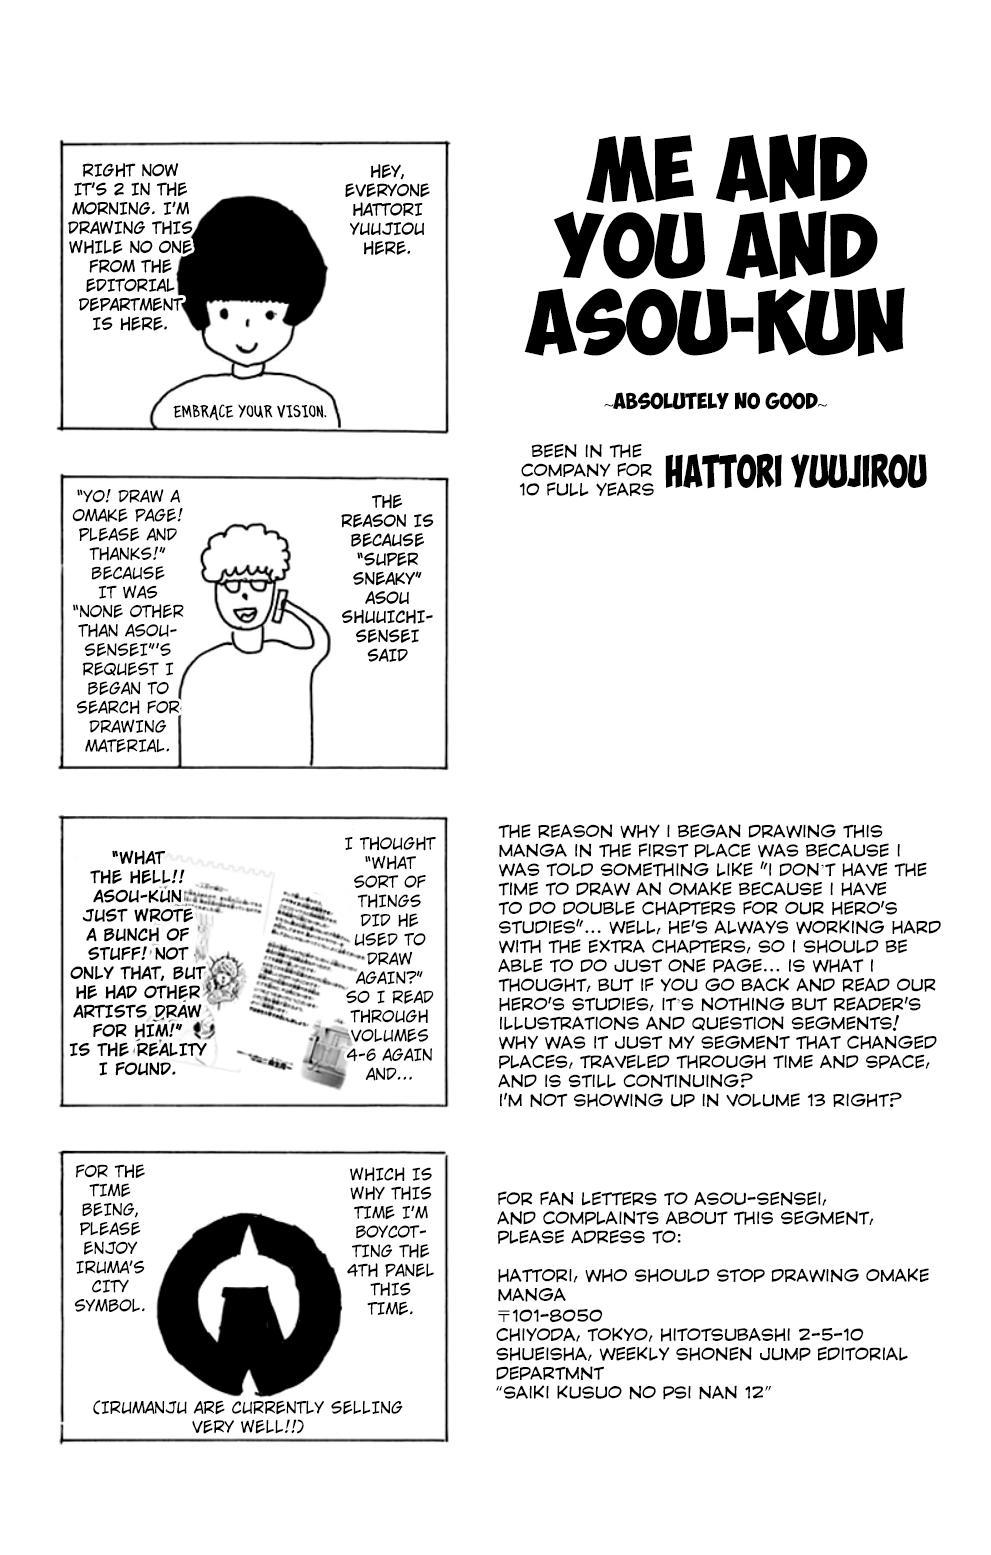 Saiki Kusuo no Psi Nan